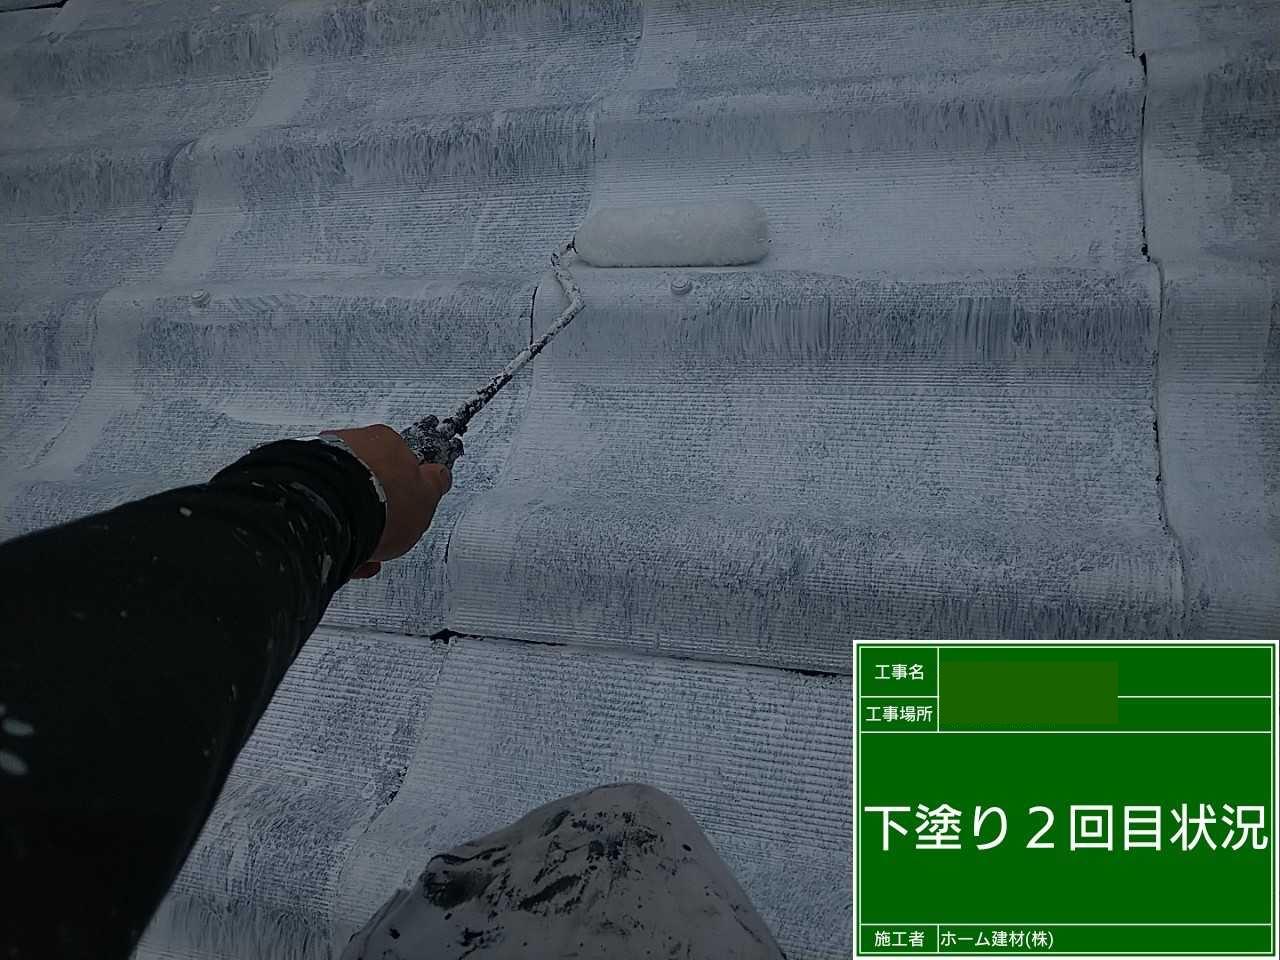 屋根塗装工事 下塗り2回目